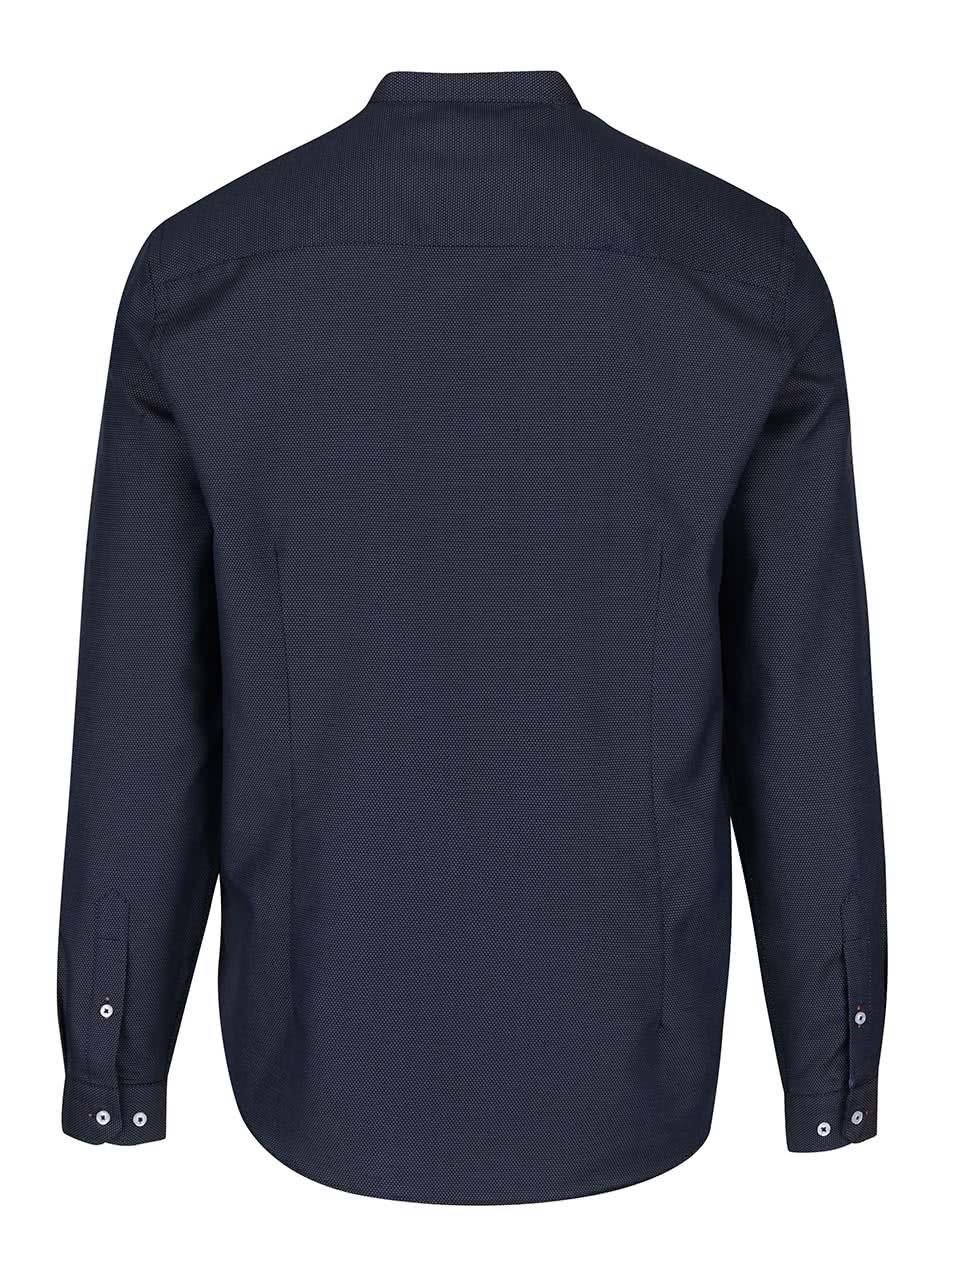 49cff5102ac Tmavě modrá vzorovaná košile bez límečku Burton Menswear London ...